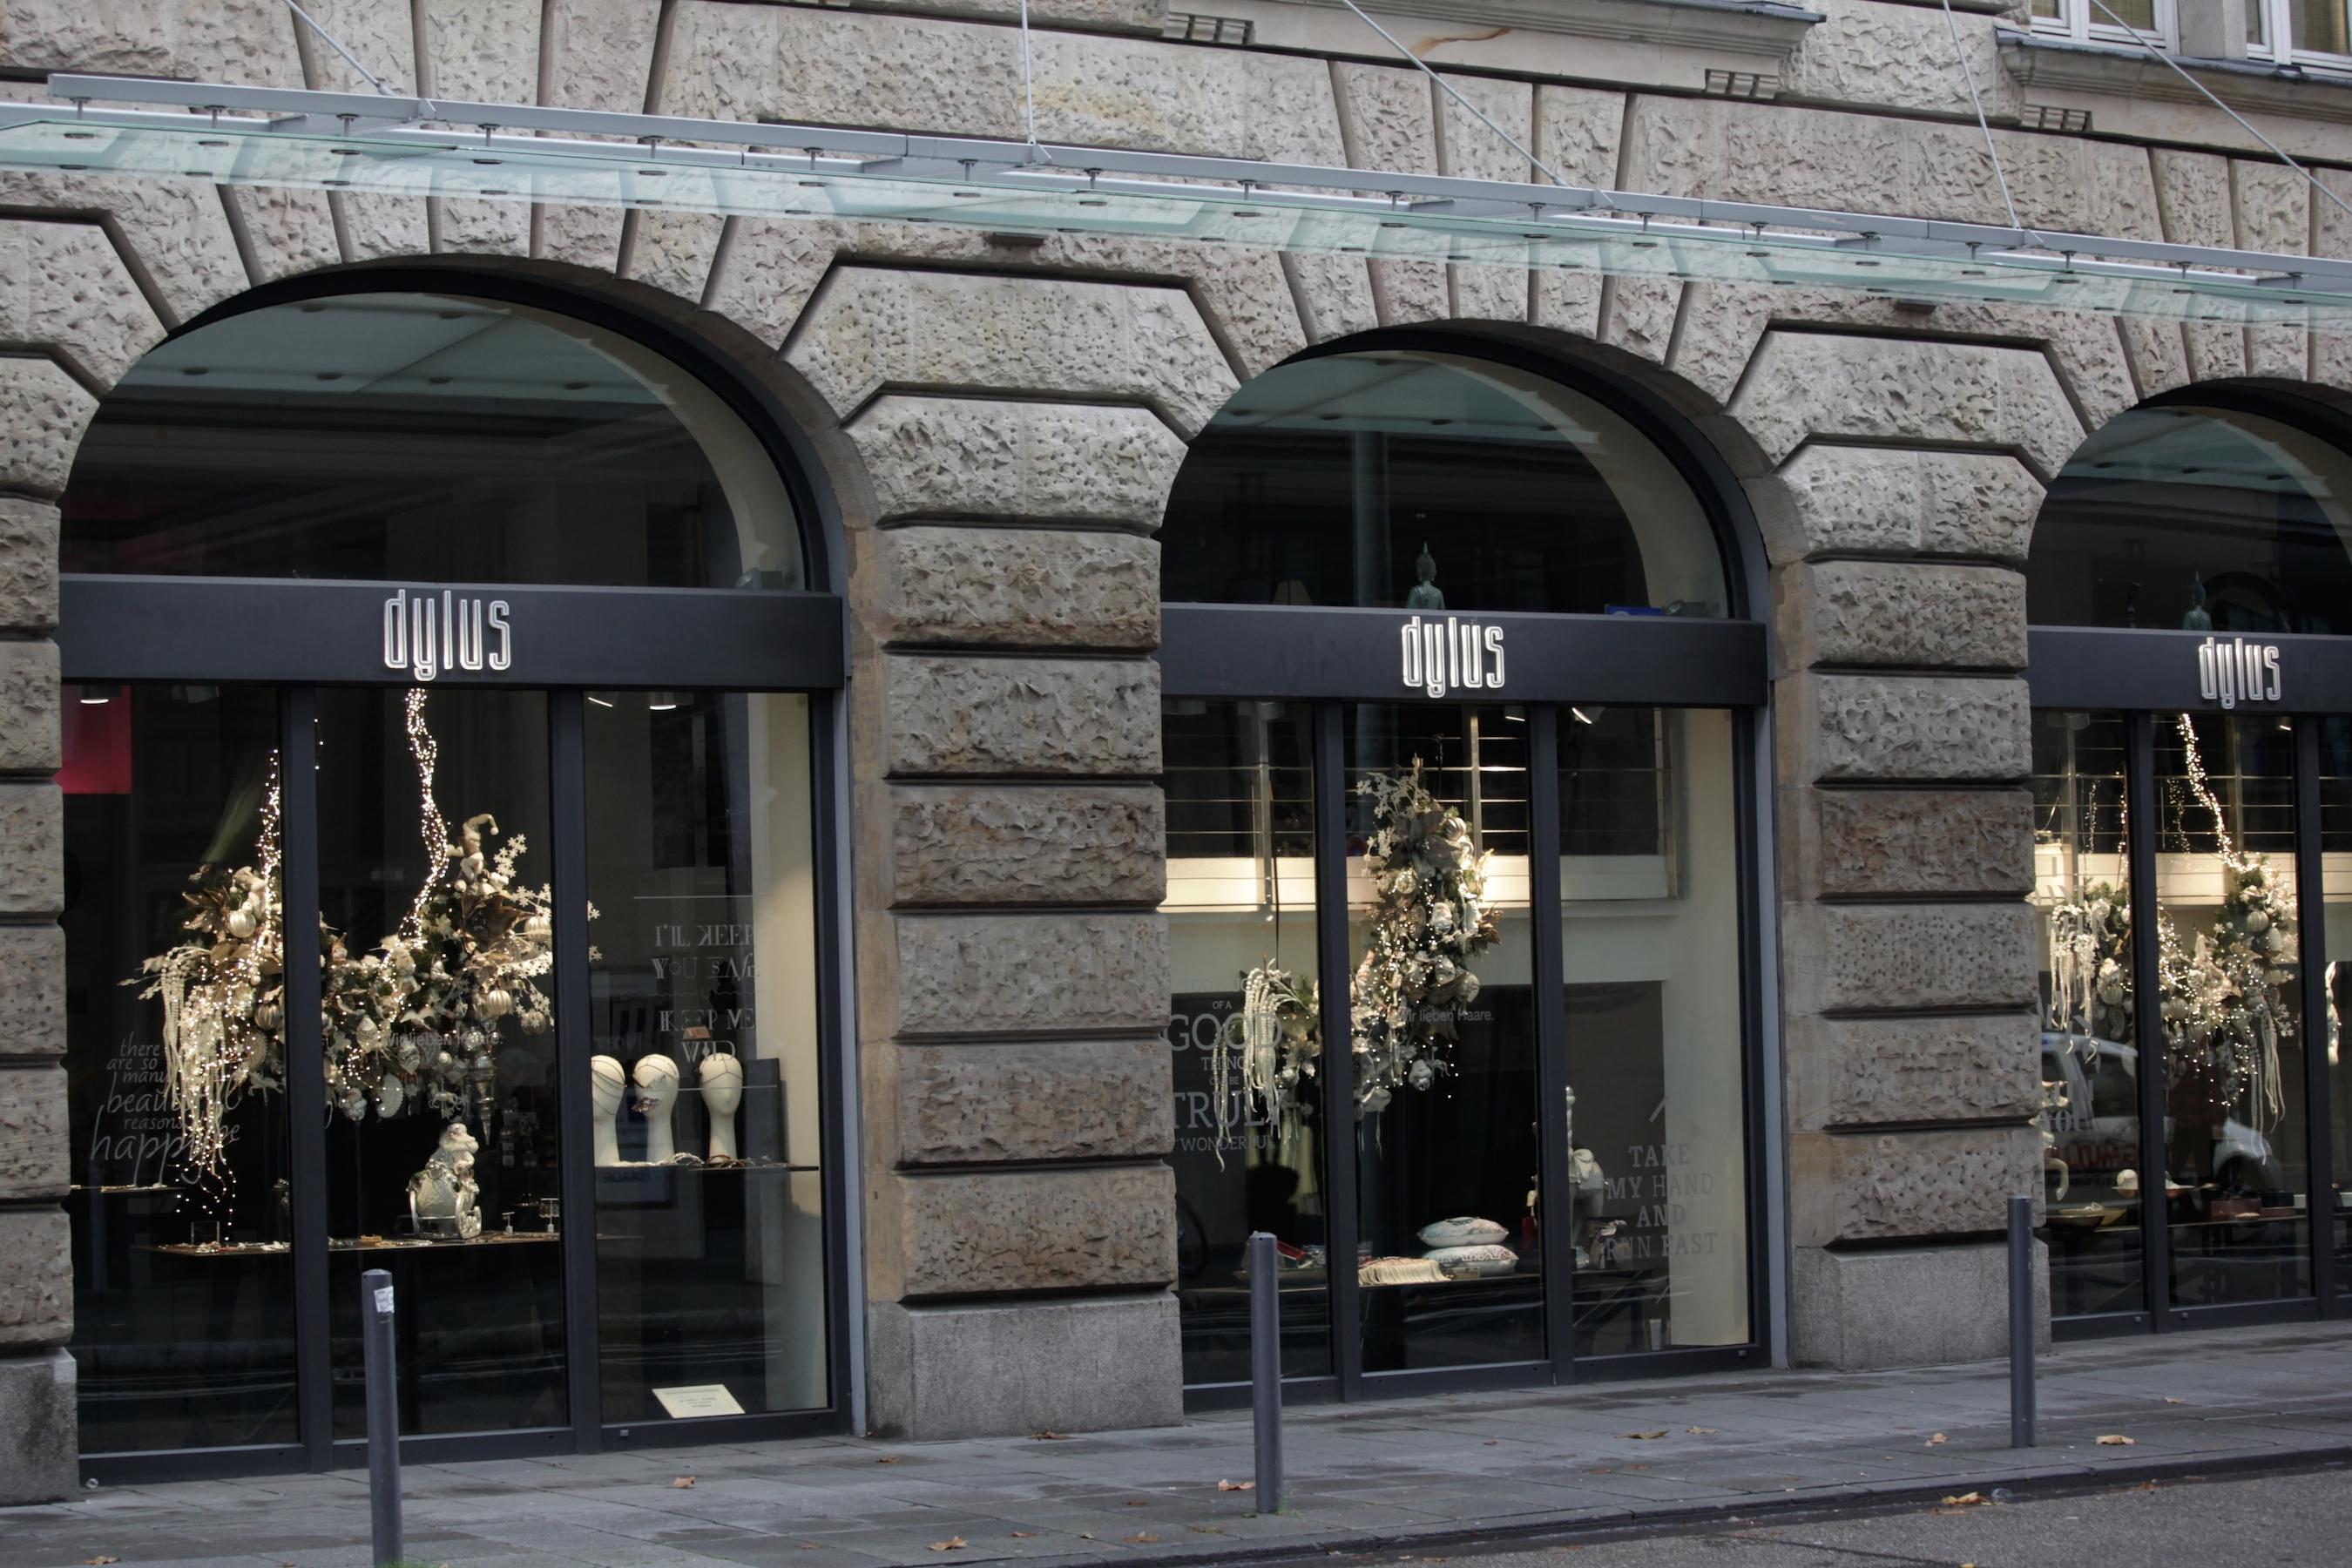 Schaufensterdekoration Weihnachten Weihnachtsdekoration Inspiration Dylus Frankfurt